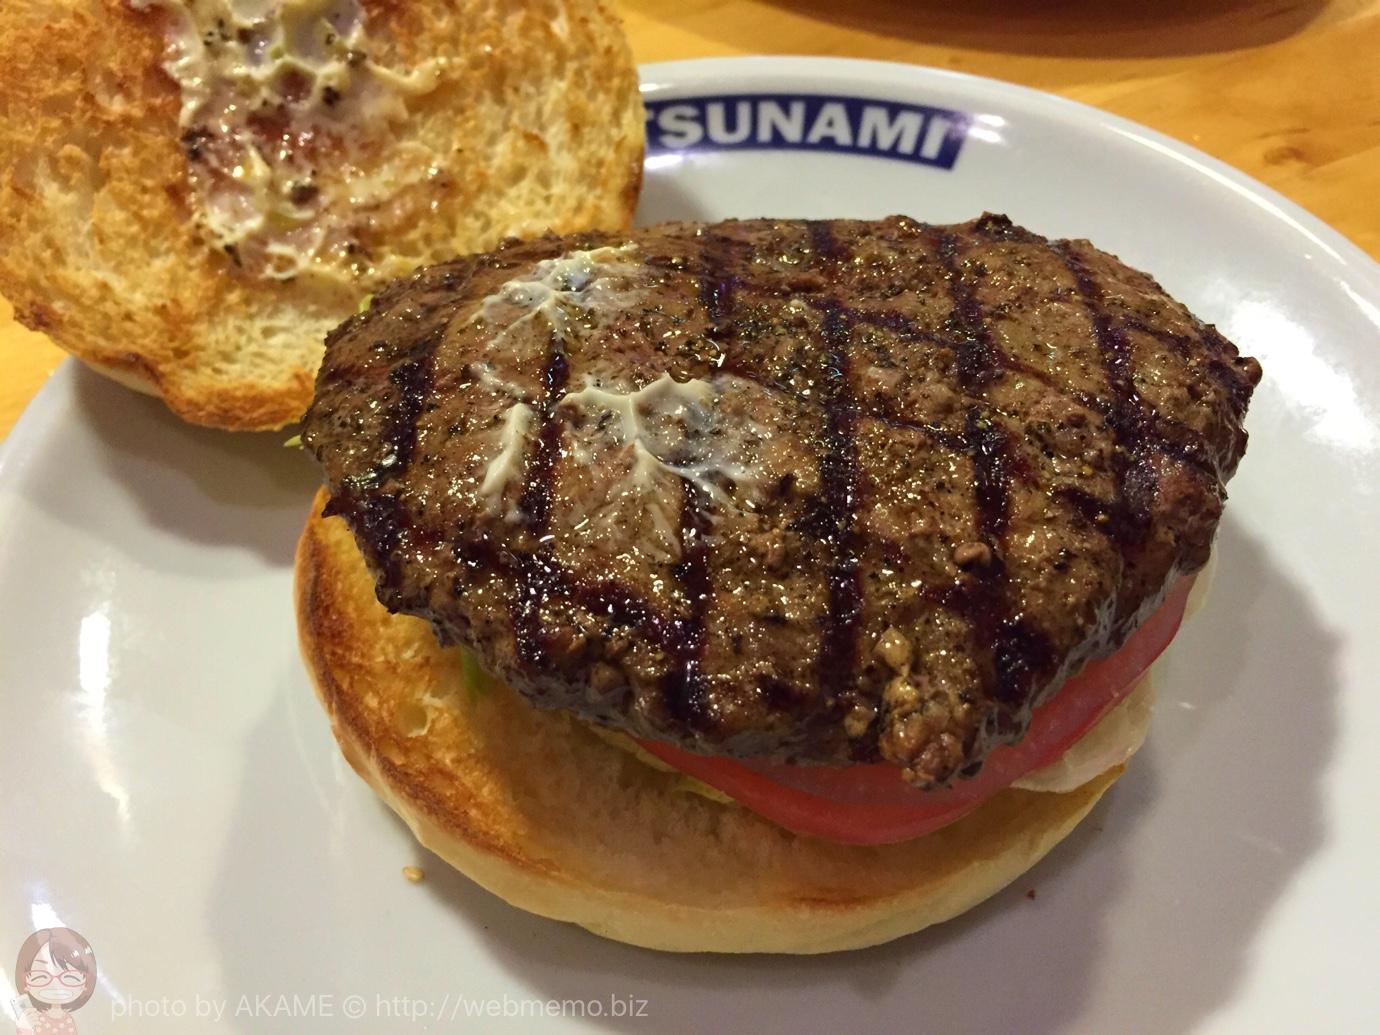 ネイビーバーガー ハンバーグ